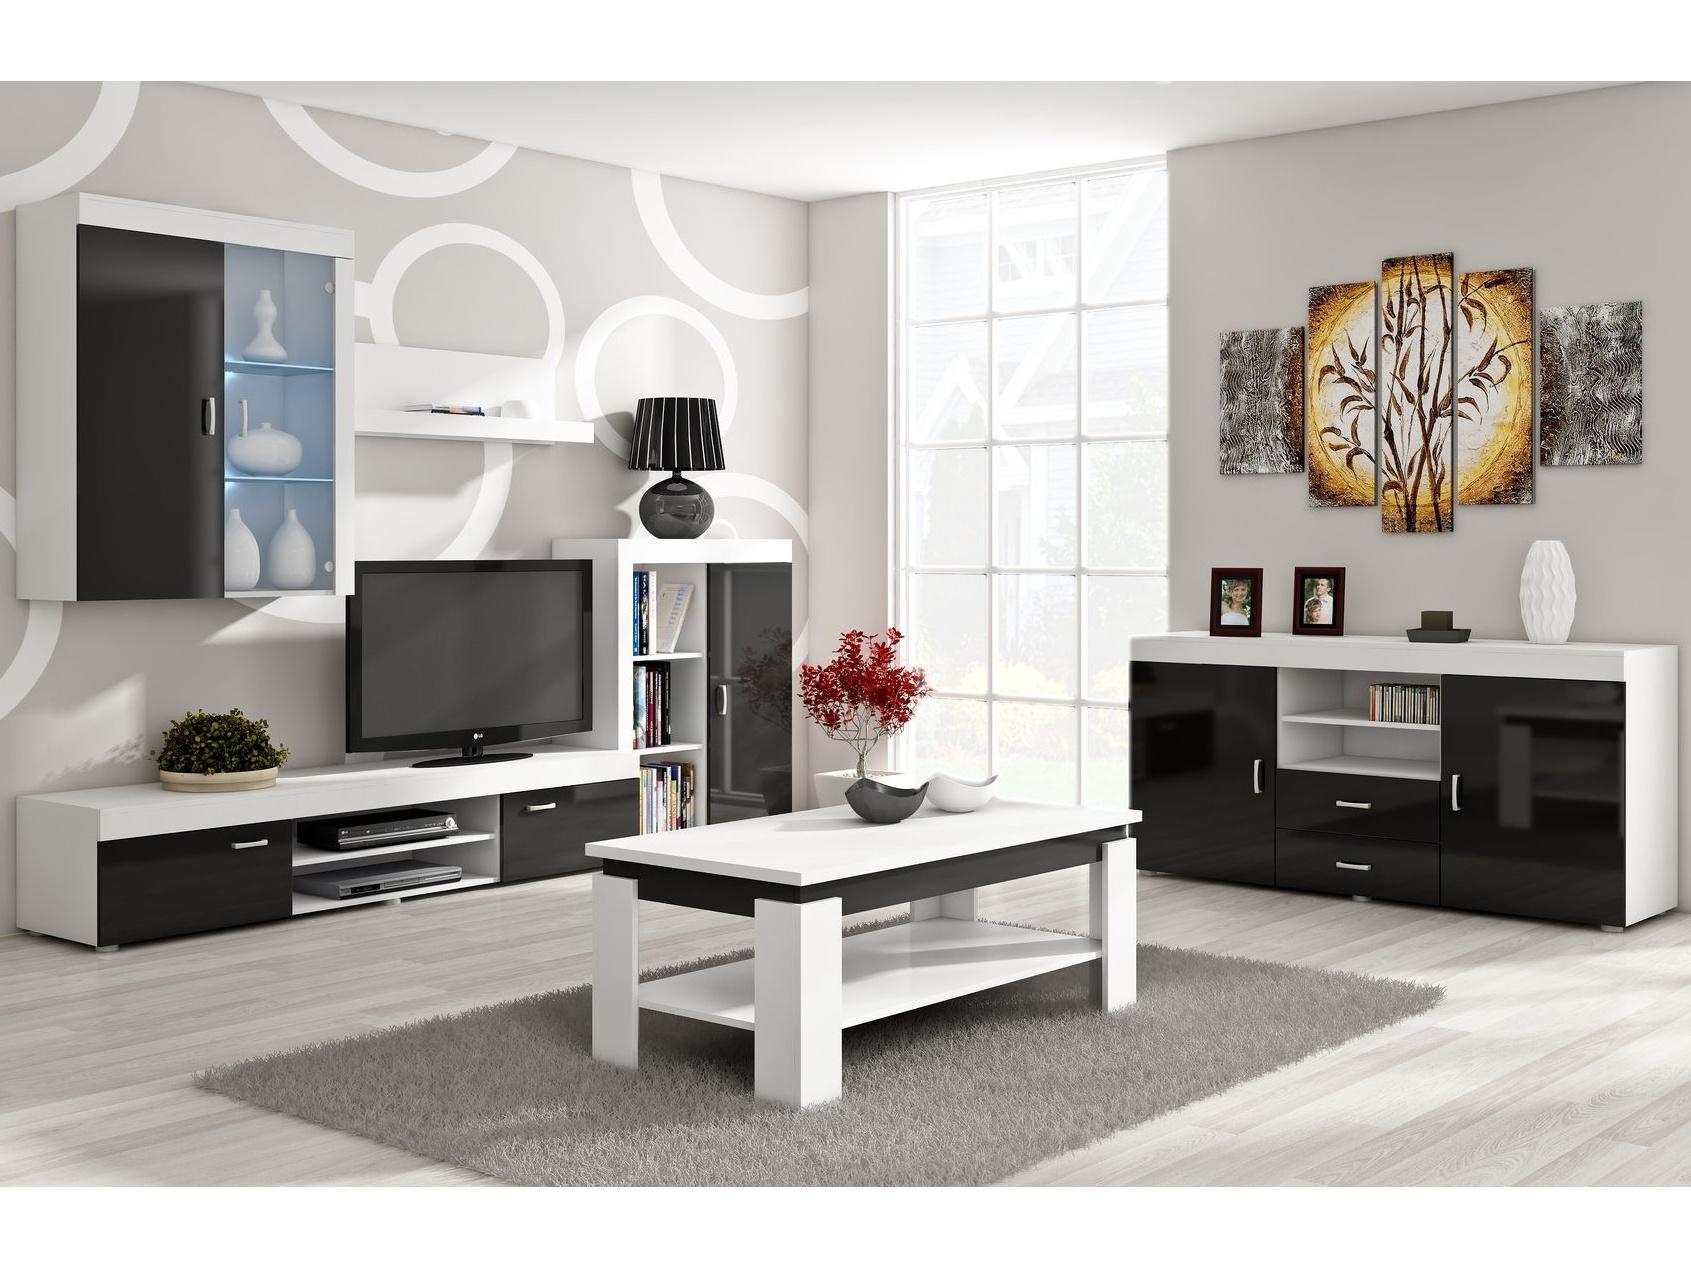 Obývací stěna MAMBA, bílá/černý lesk